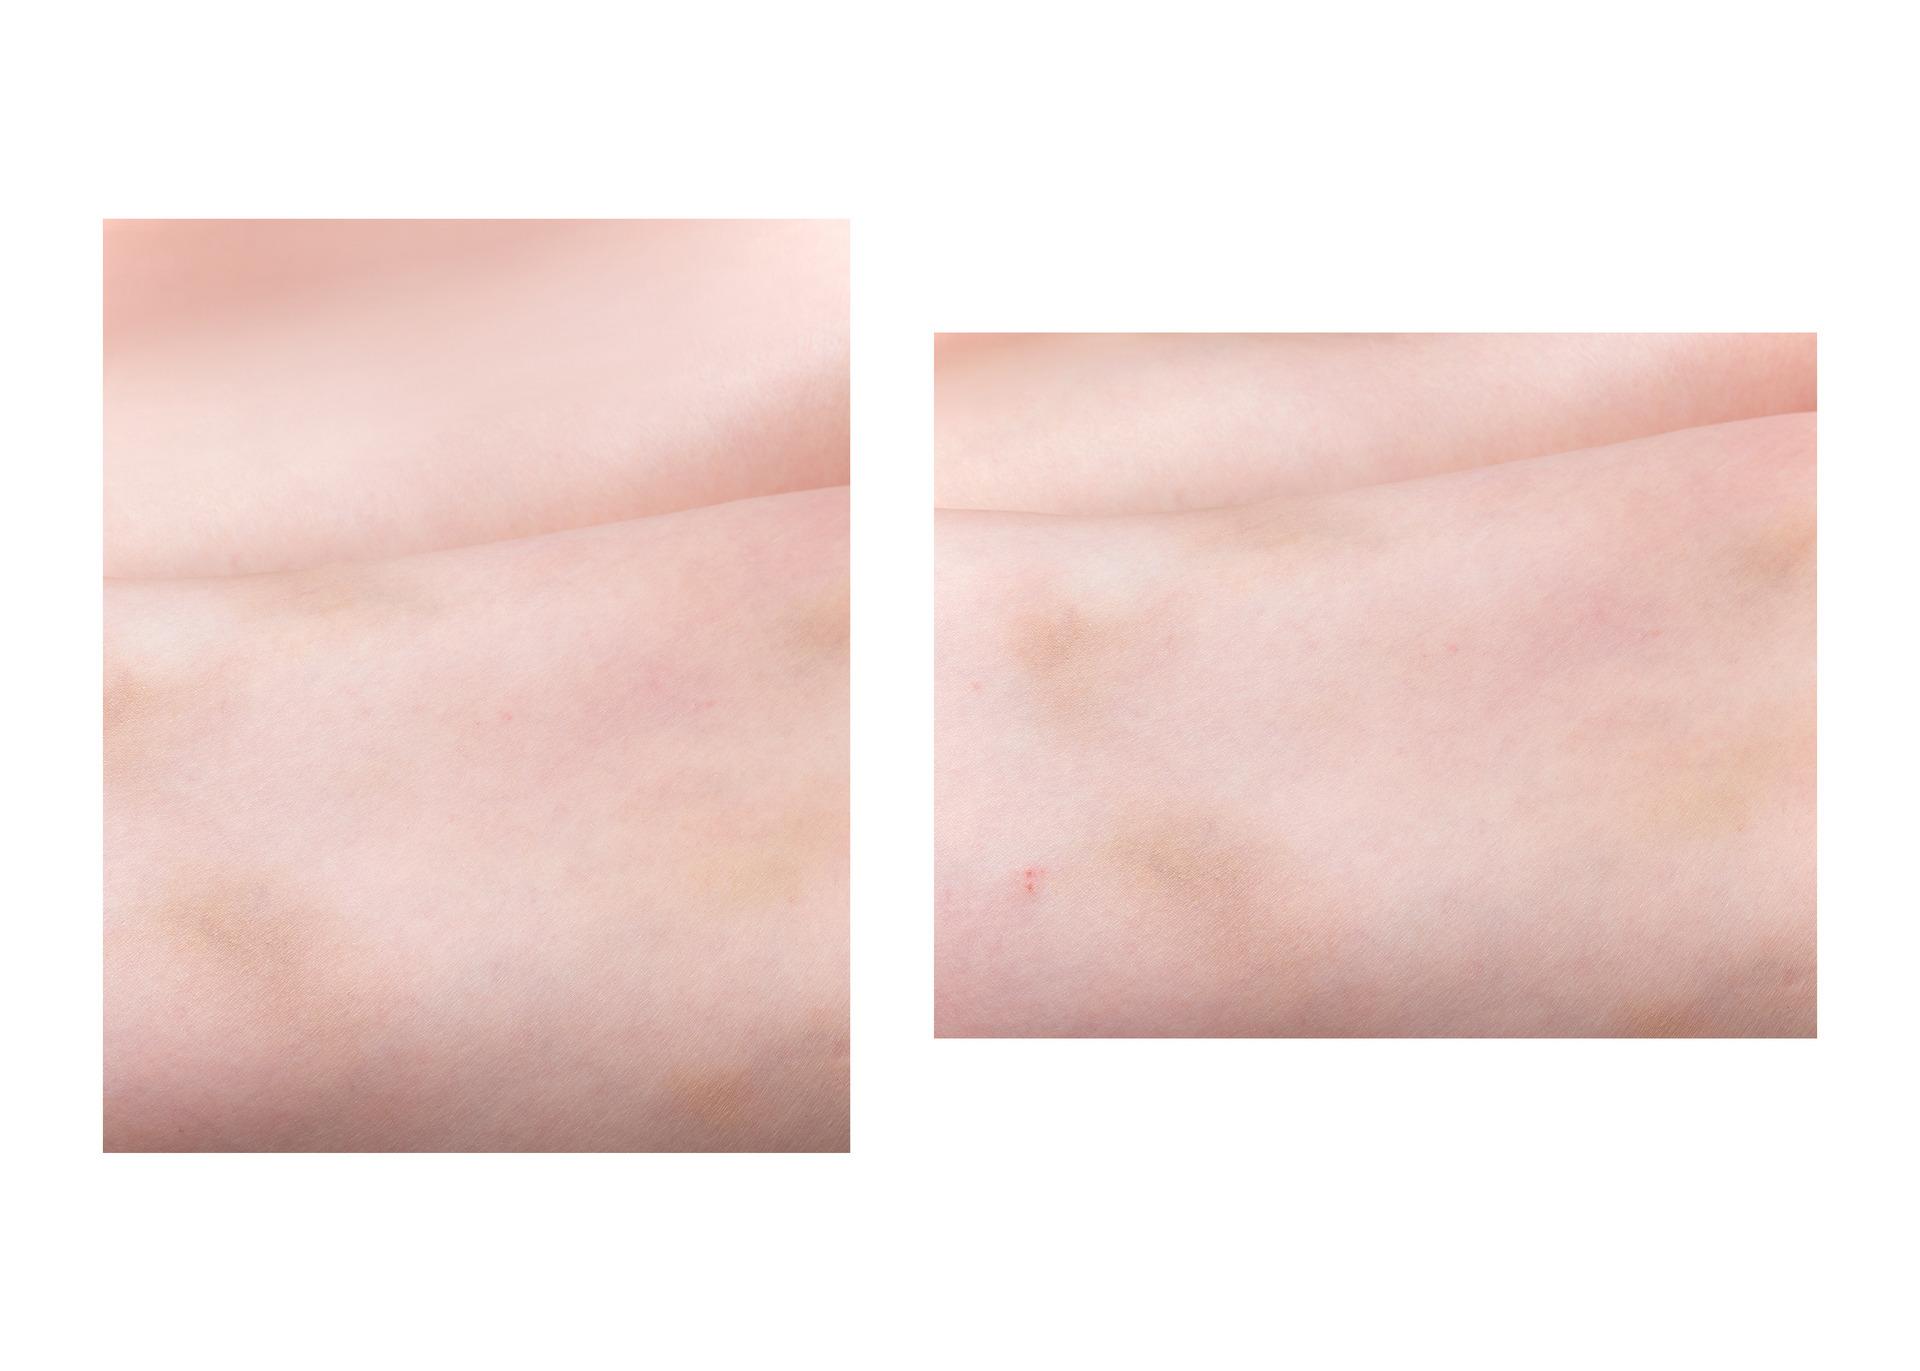 Bruise 1 (2021) / Bruise 2 (2021)